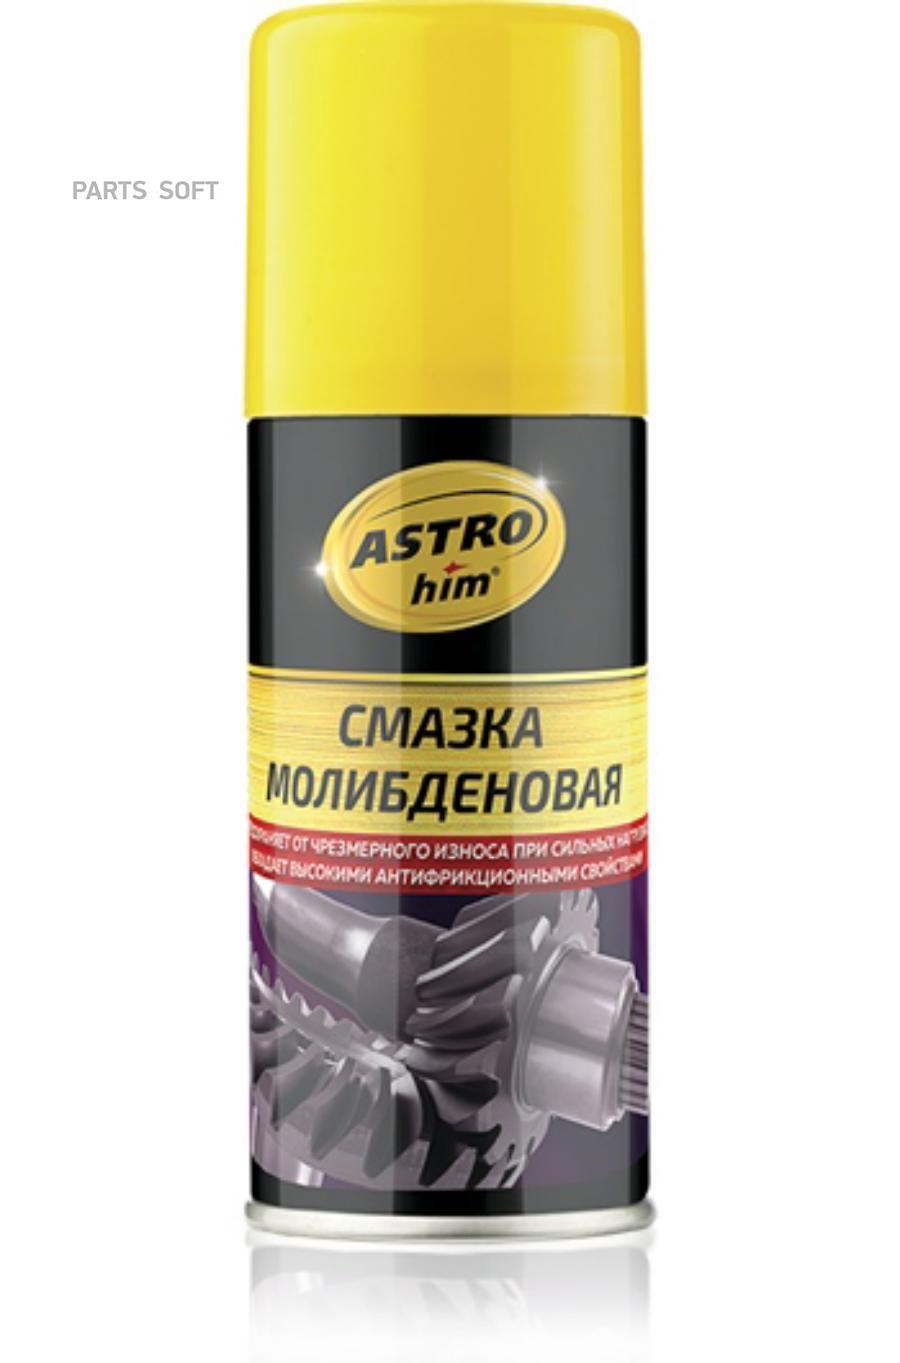 Смазка молибденовая, аэрозоль, 140 мл, ASTROHIM, AC4541